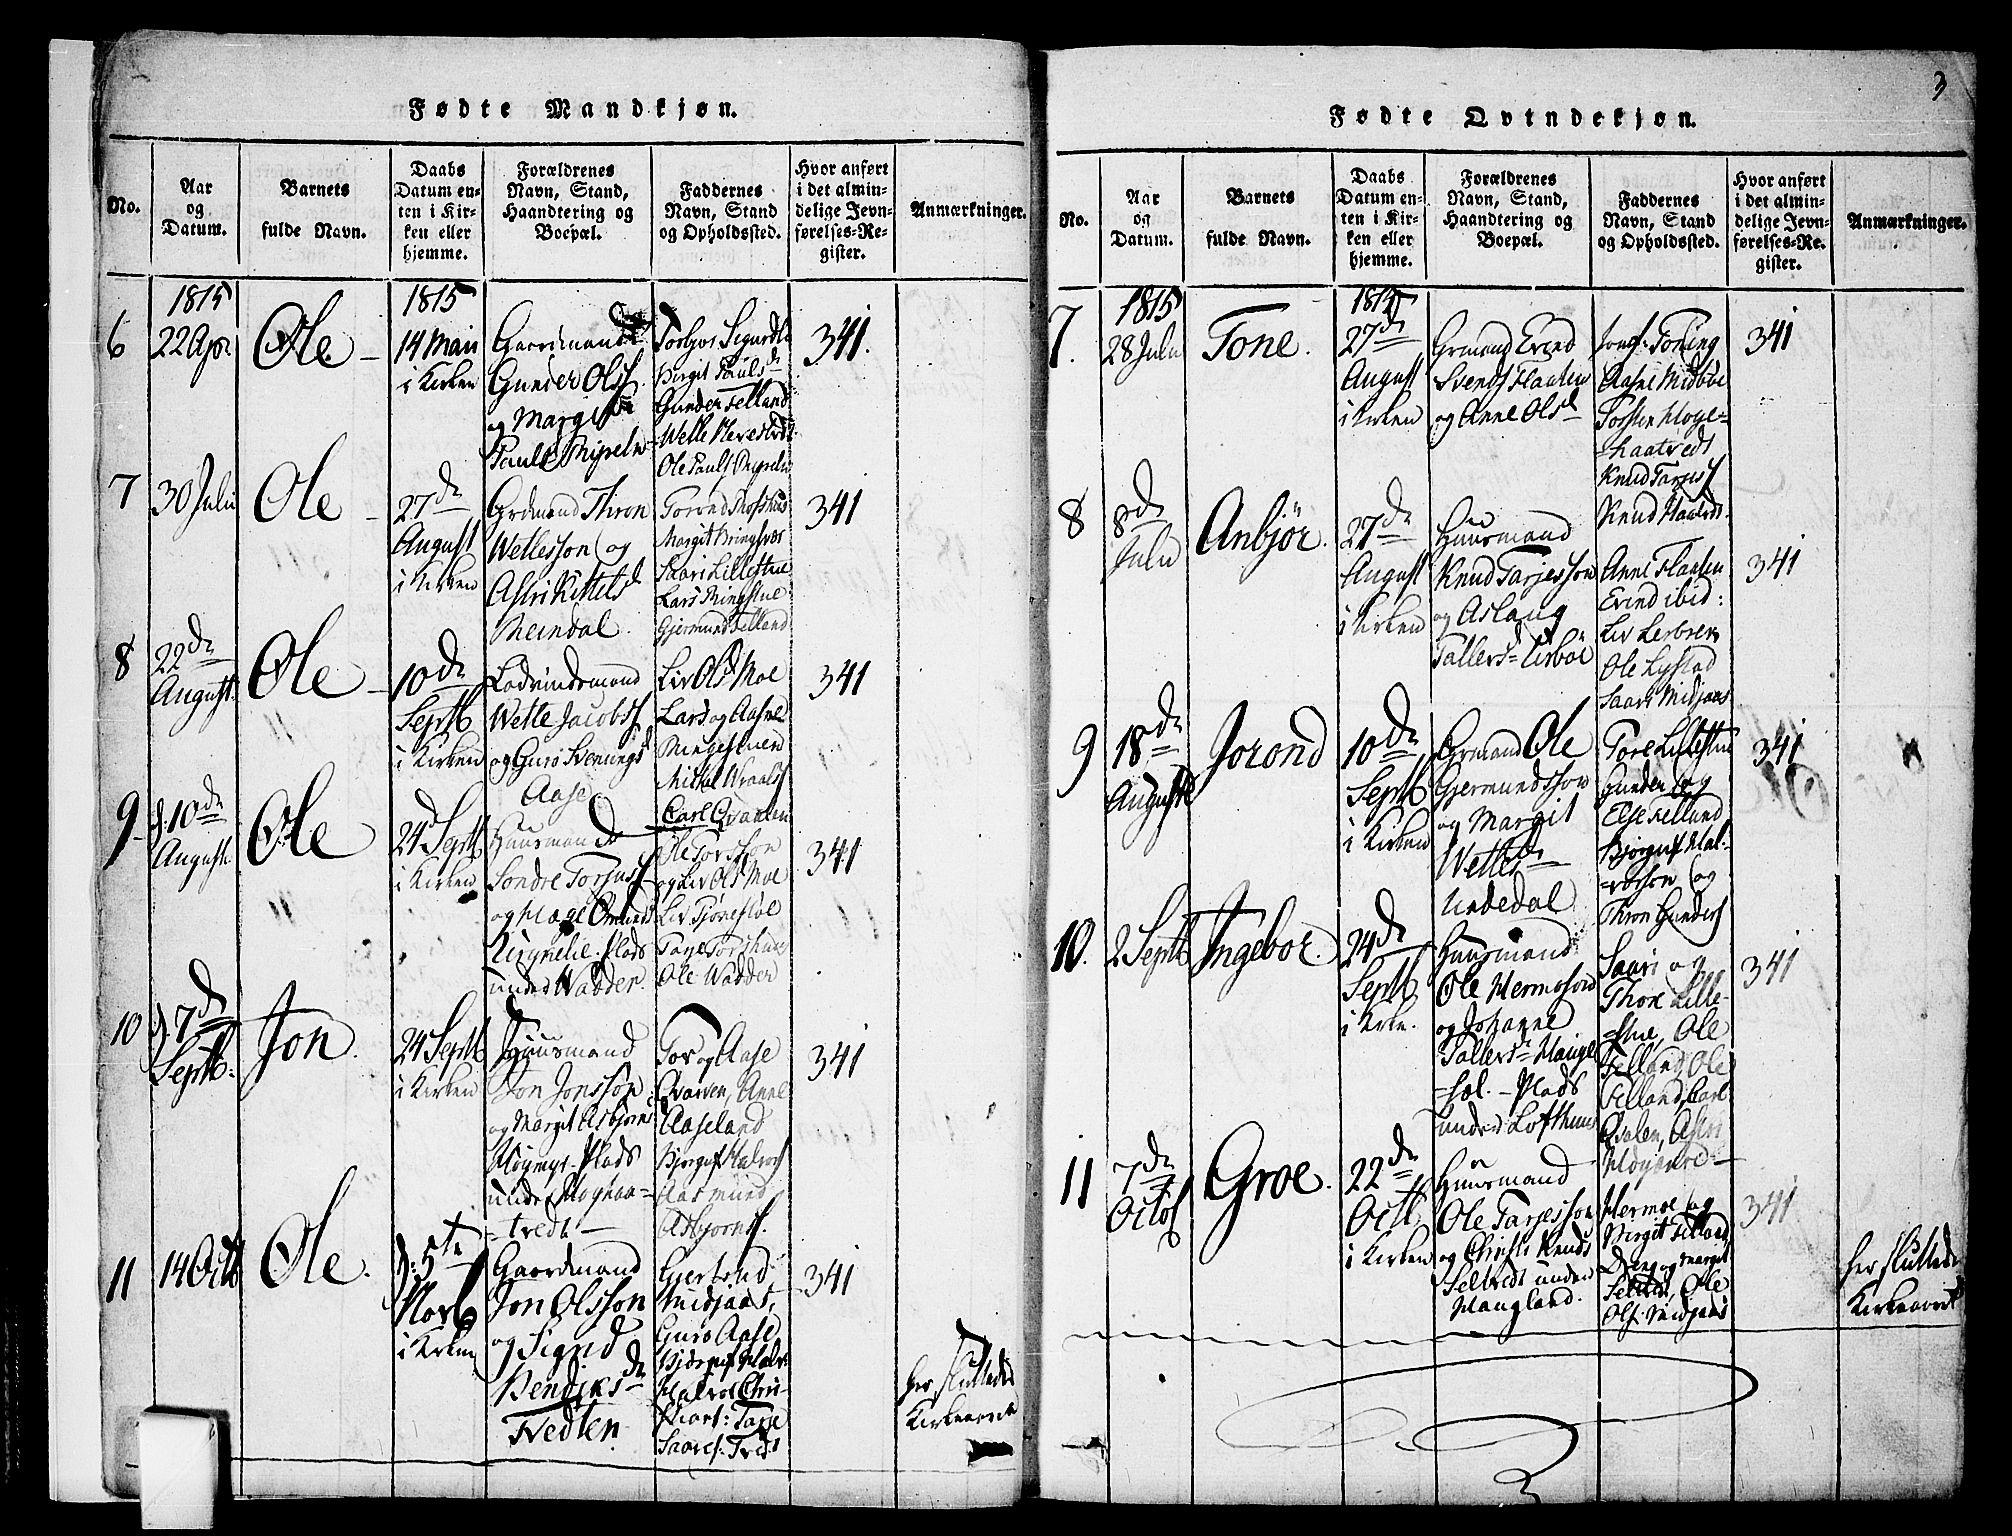 SAKO, Mo kirkebøker, F/Fa/L0004: Ministerialbok nr. I 4, 1814-1844, s. 3